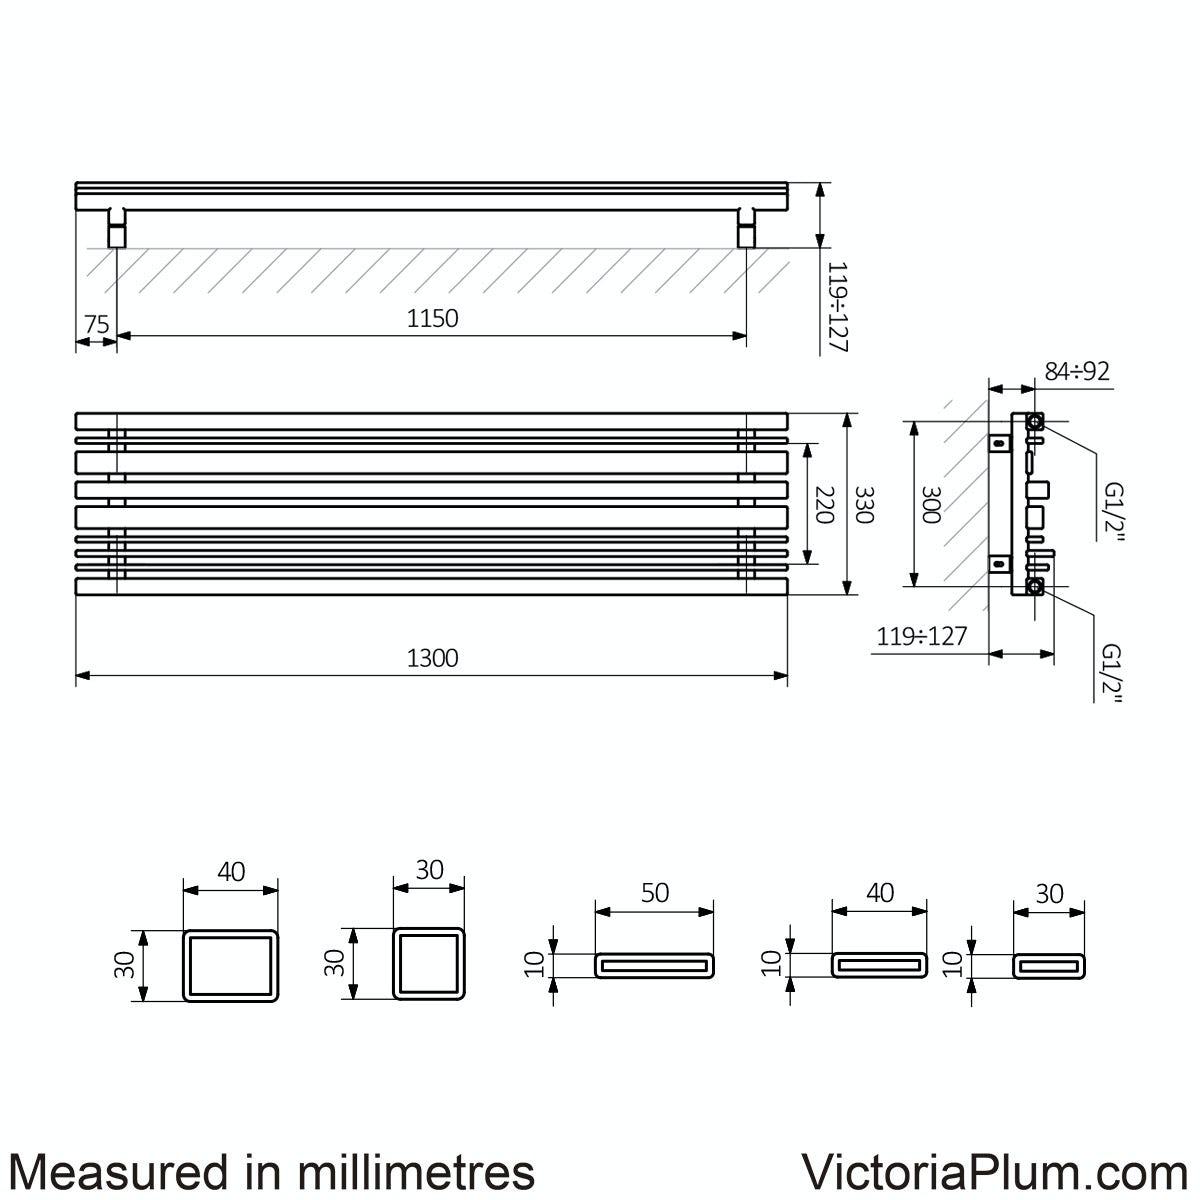 Dimensions for Terma Sherwood terra brown vertical radiator 1300 x 330